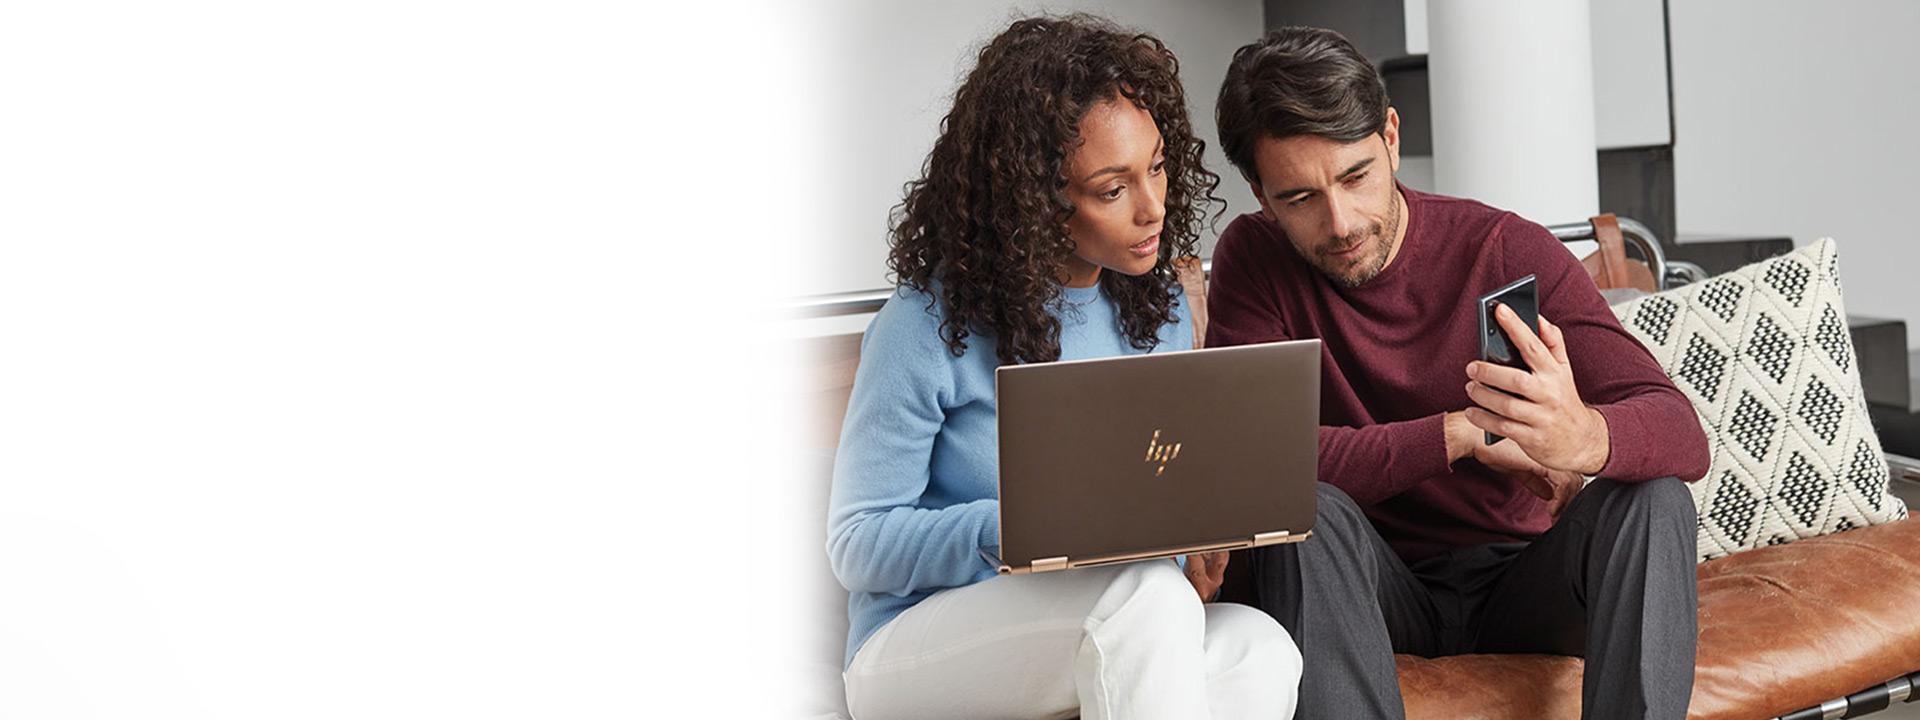 אישה וגבר יושבים על ספה ומביטים על מחשב נייד ומכשיר נייד עם Windows 10, ביחד